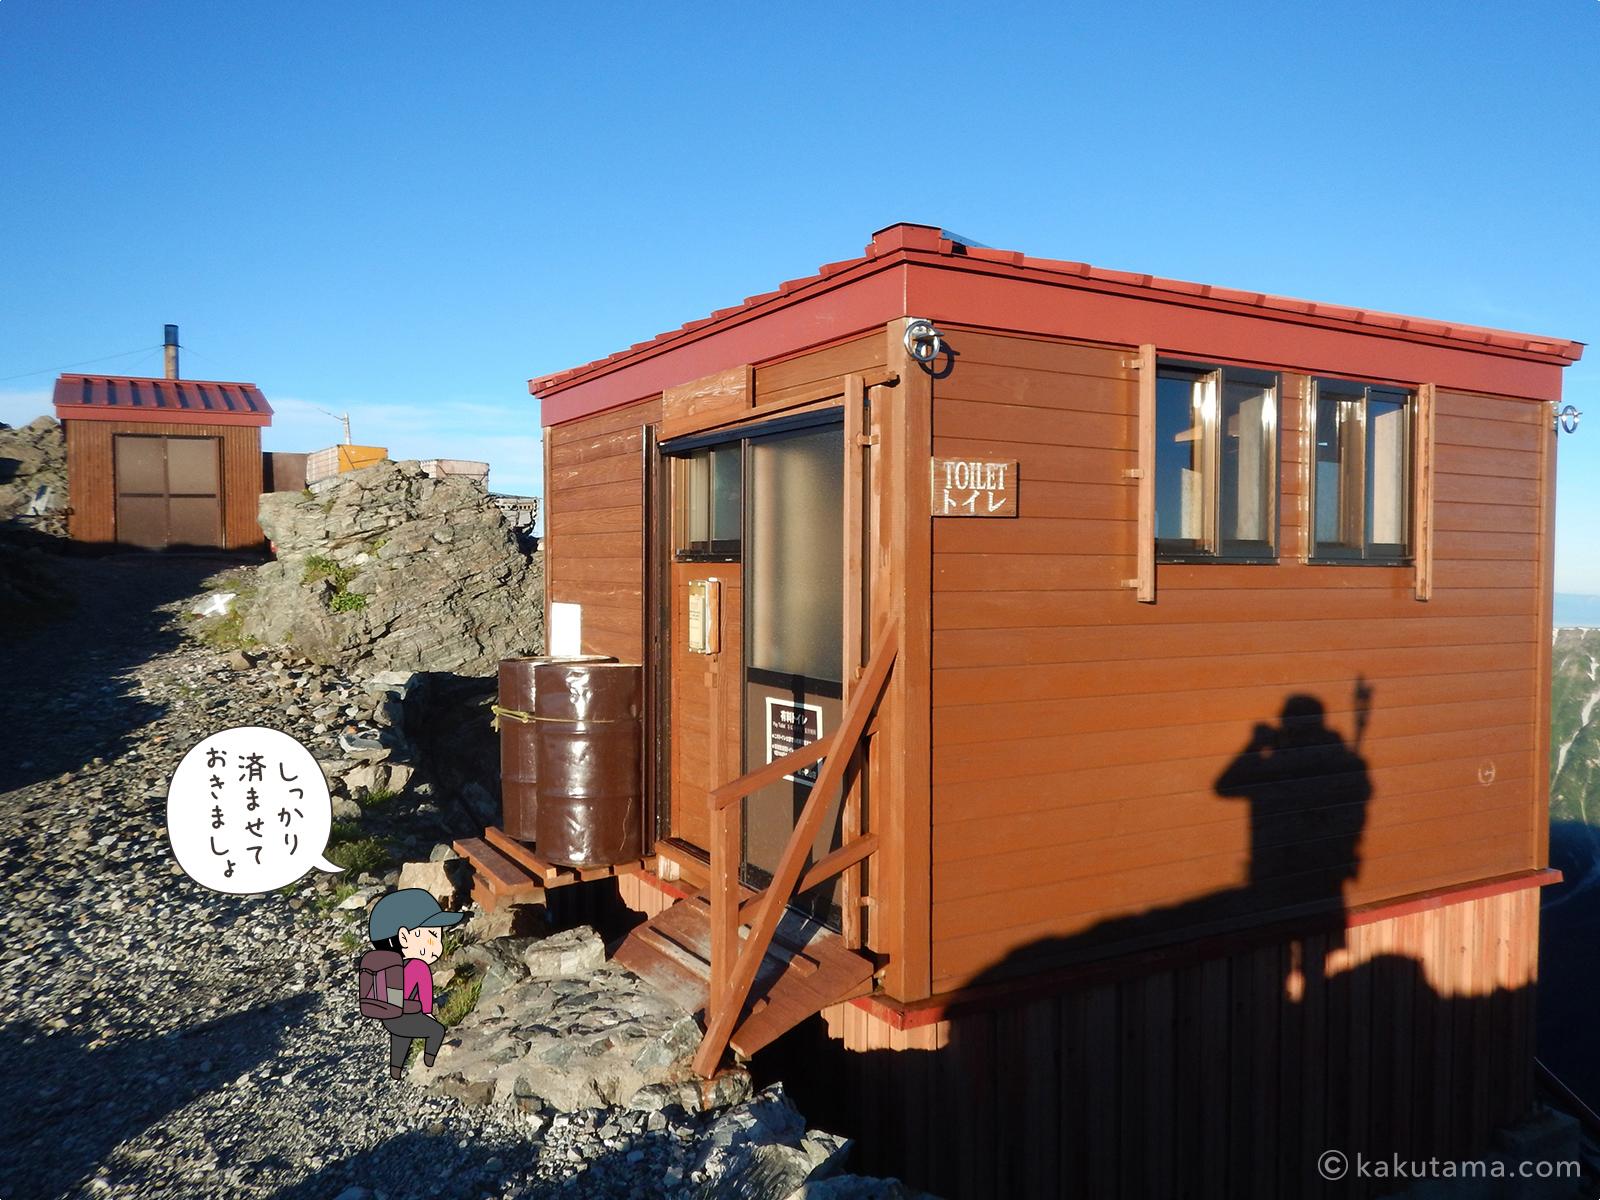 槍ヶ岳山荘テント場のトイレ